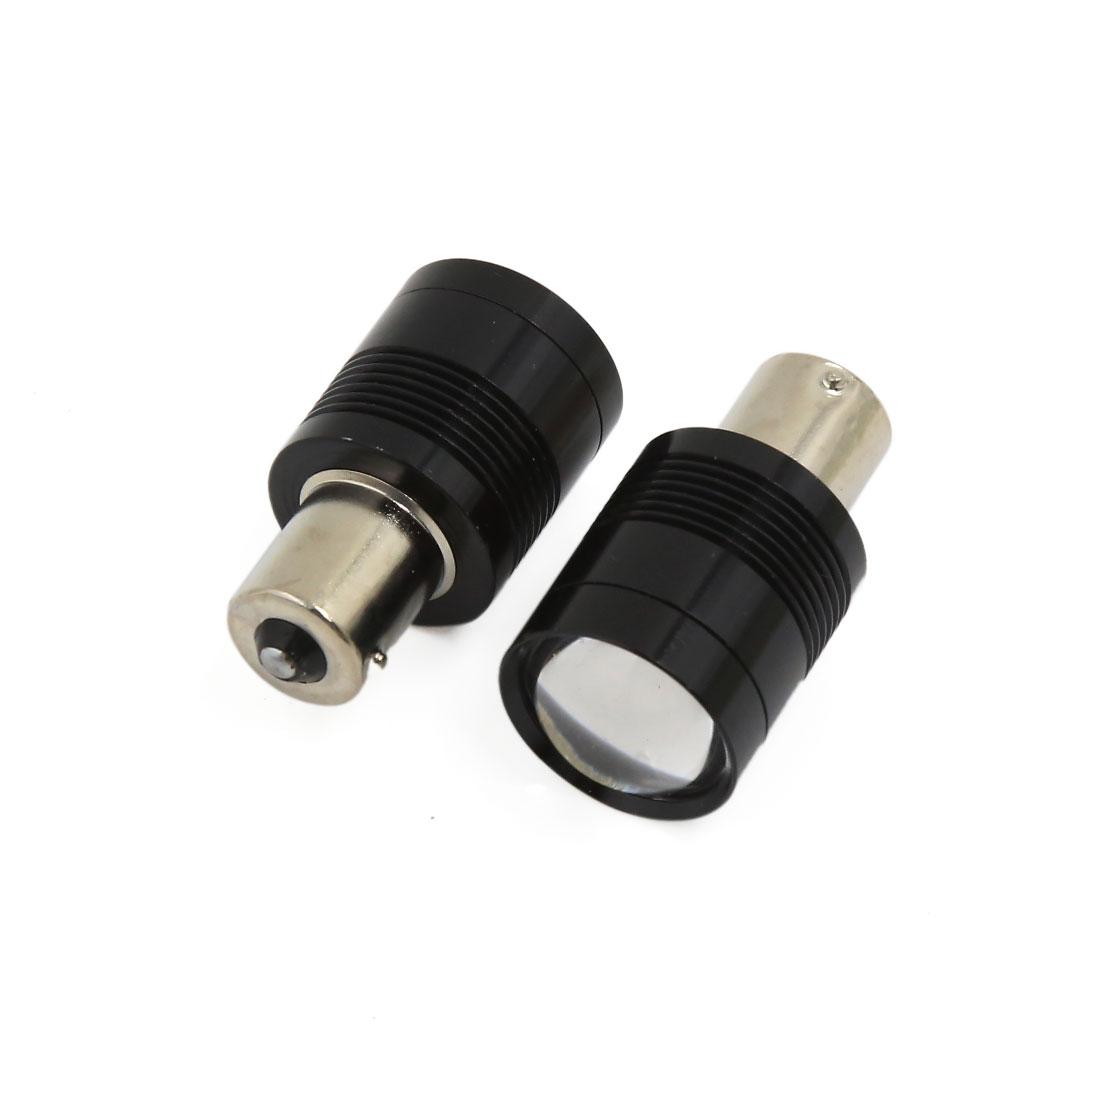 2 Pcs White 1156 BA15S COB LED Turn Signal Rear Light Auto Car Bulb Lamp DC 12V